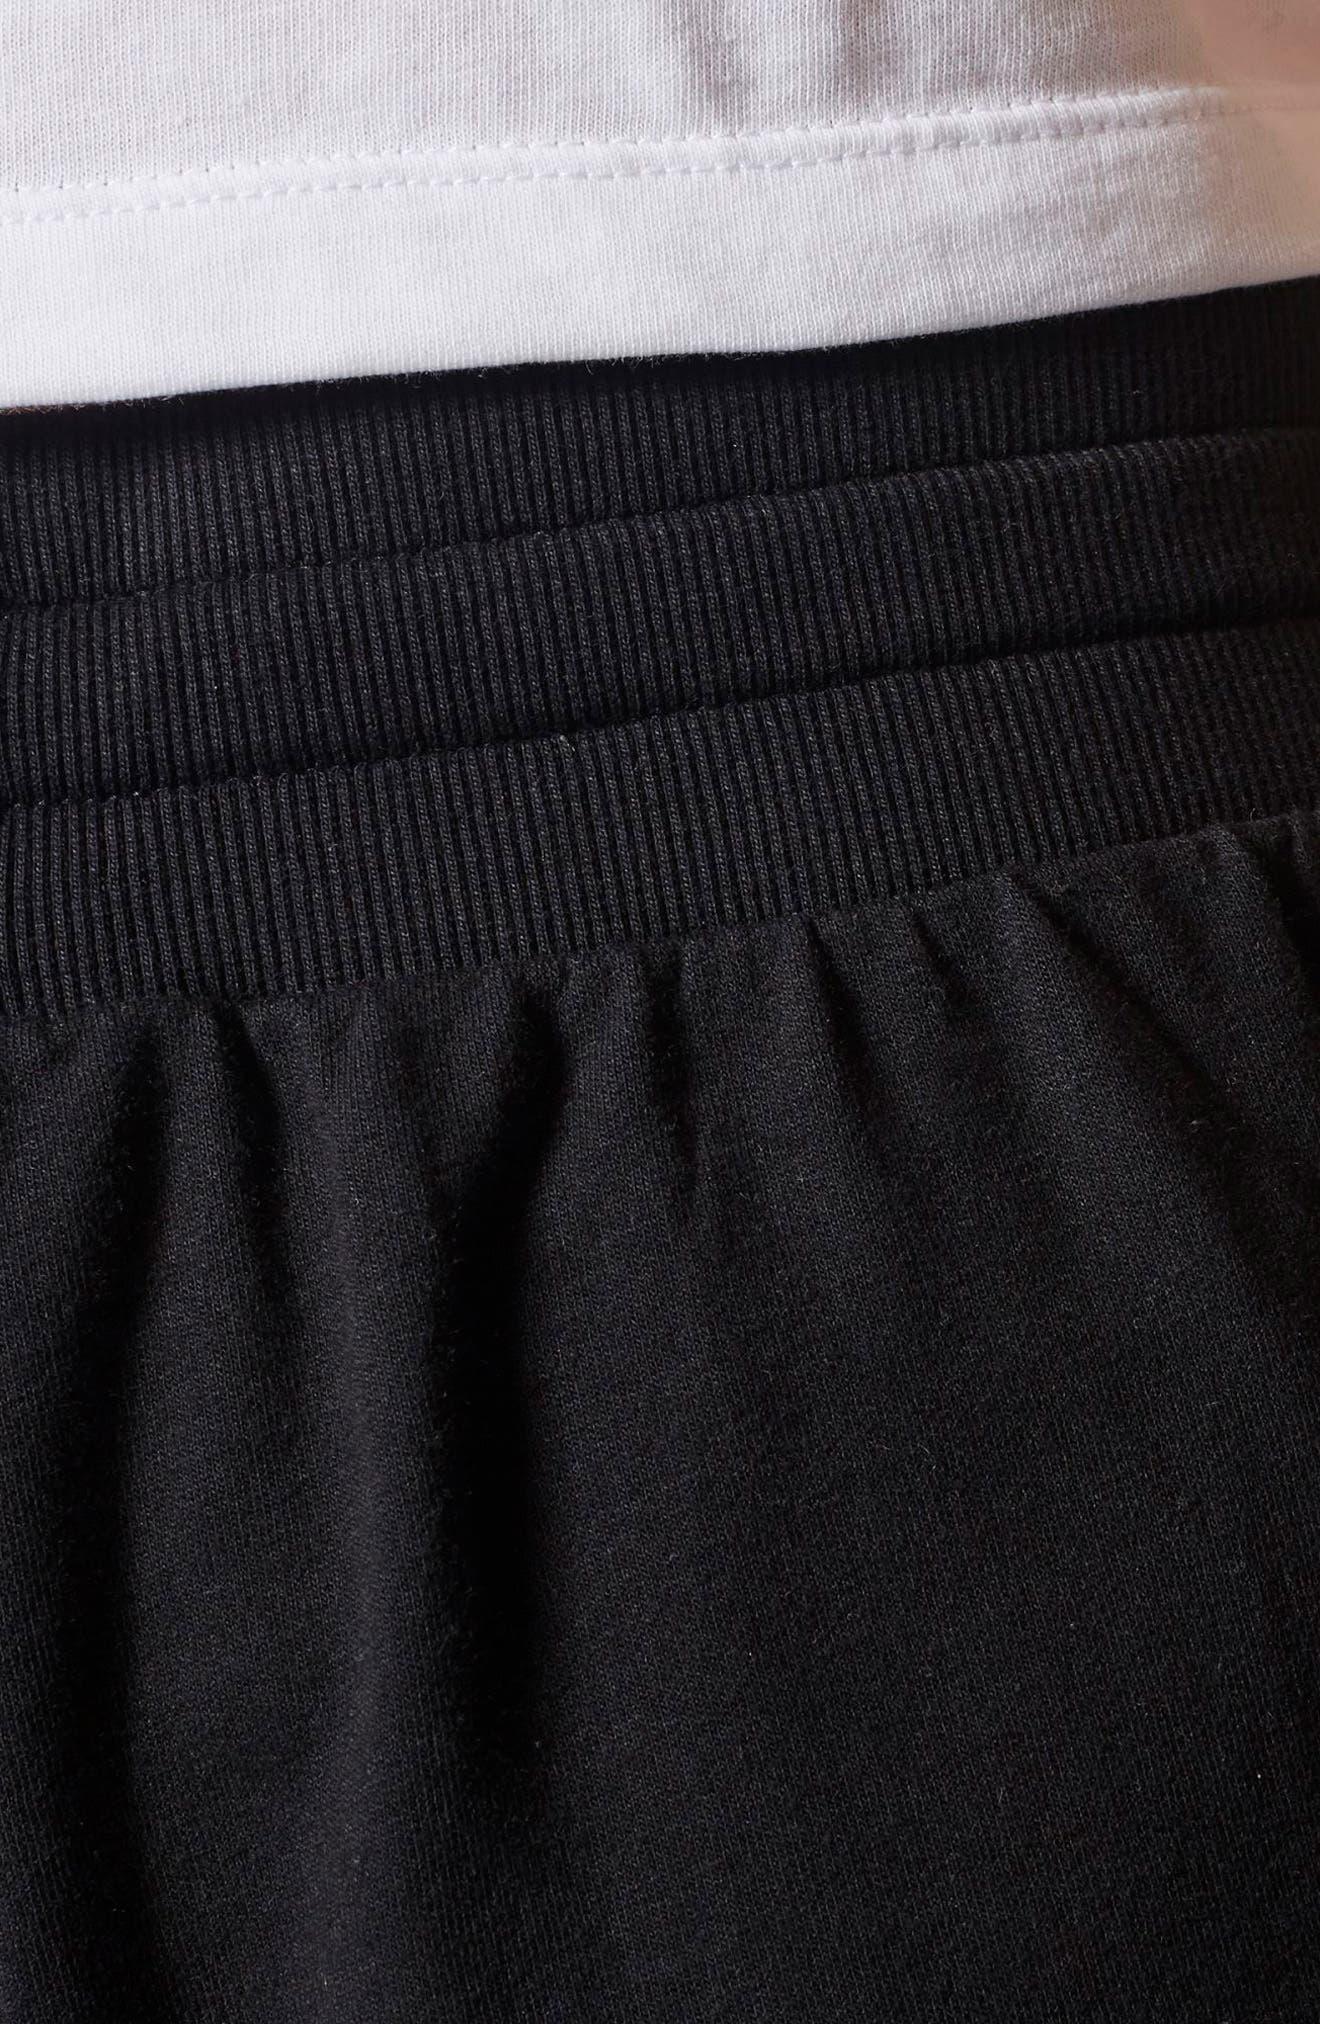 3-Stripes Tapered Pants,                             Alternate thumbnail 4, color,                             Black